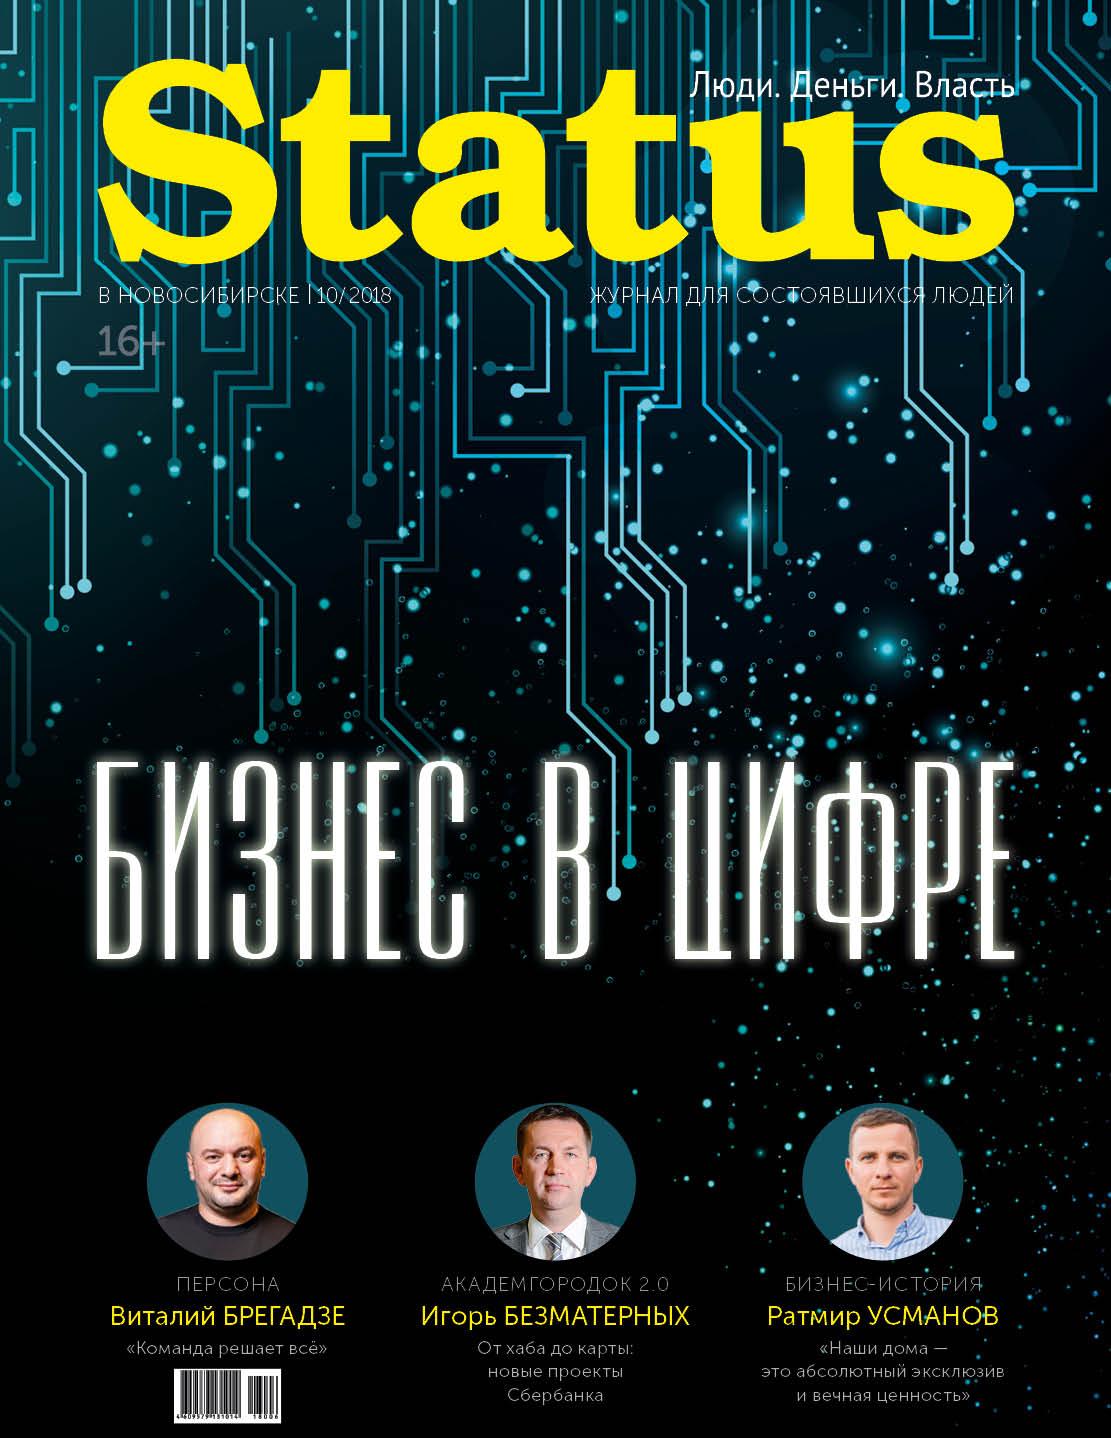 cc54b4dc4 бизнес-журнал Status - новости и статьи по теме | Бизнес-портал  status-media.com: новости делового мира и финансов